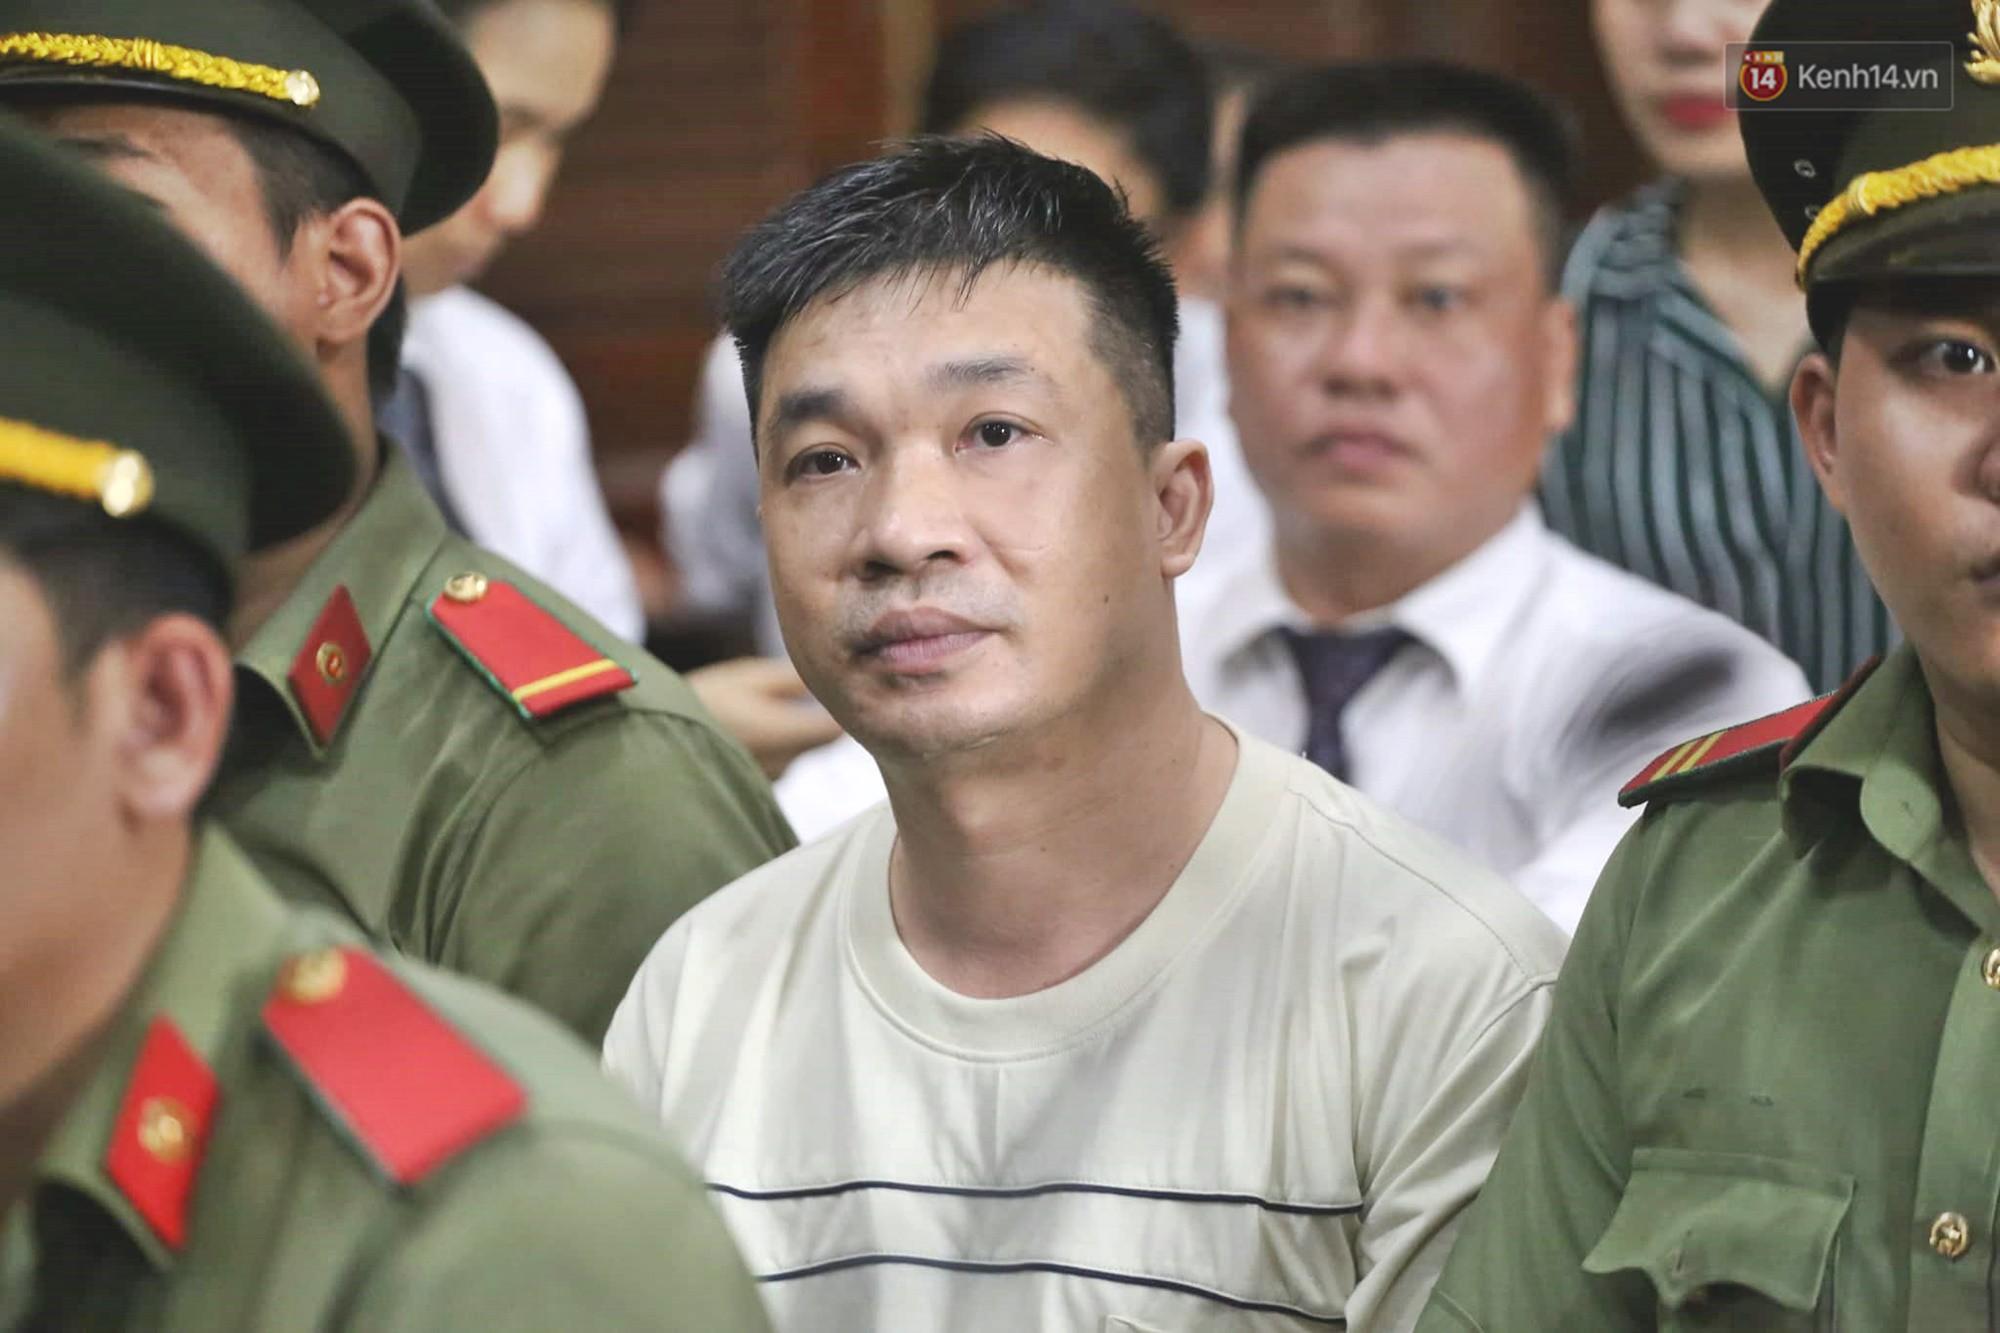 Kết thúc phiên xử đầu tiên: Hot girl Ngọc Miu xúc động vì gặp người thân, Văn Kính Dương vẫn tỏ ra bình thản - Ảnh 5.